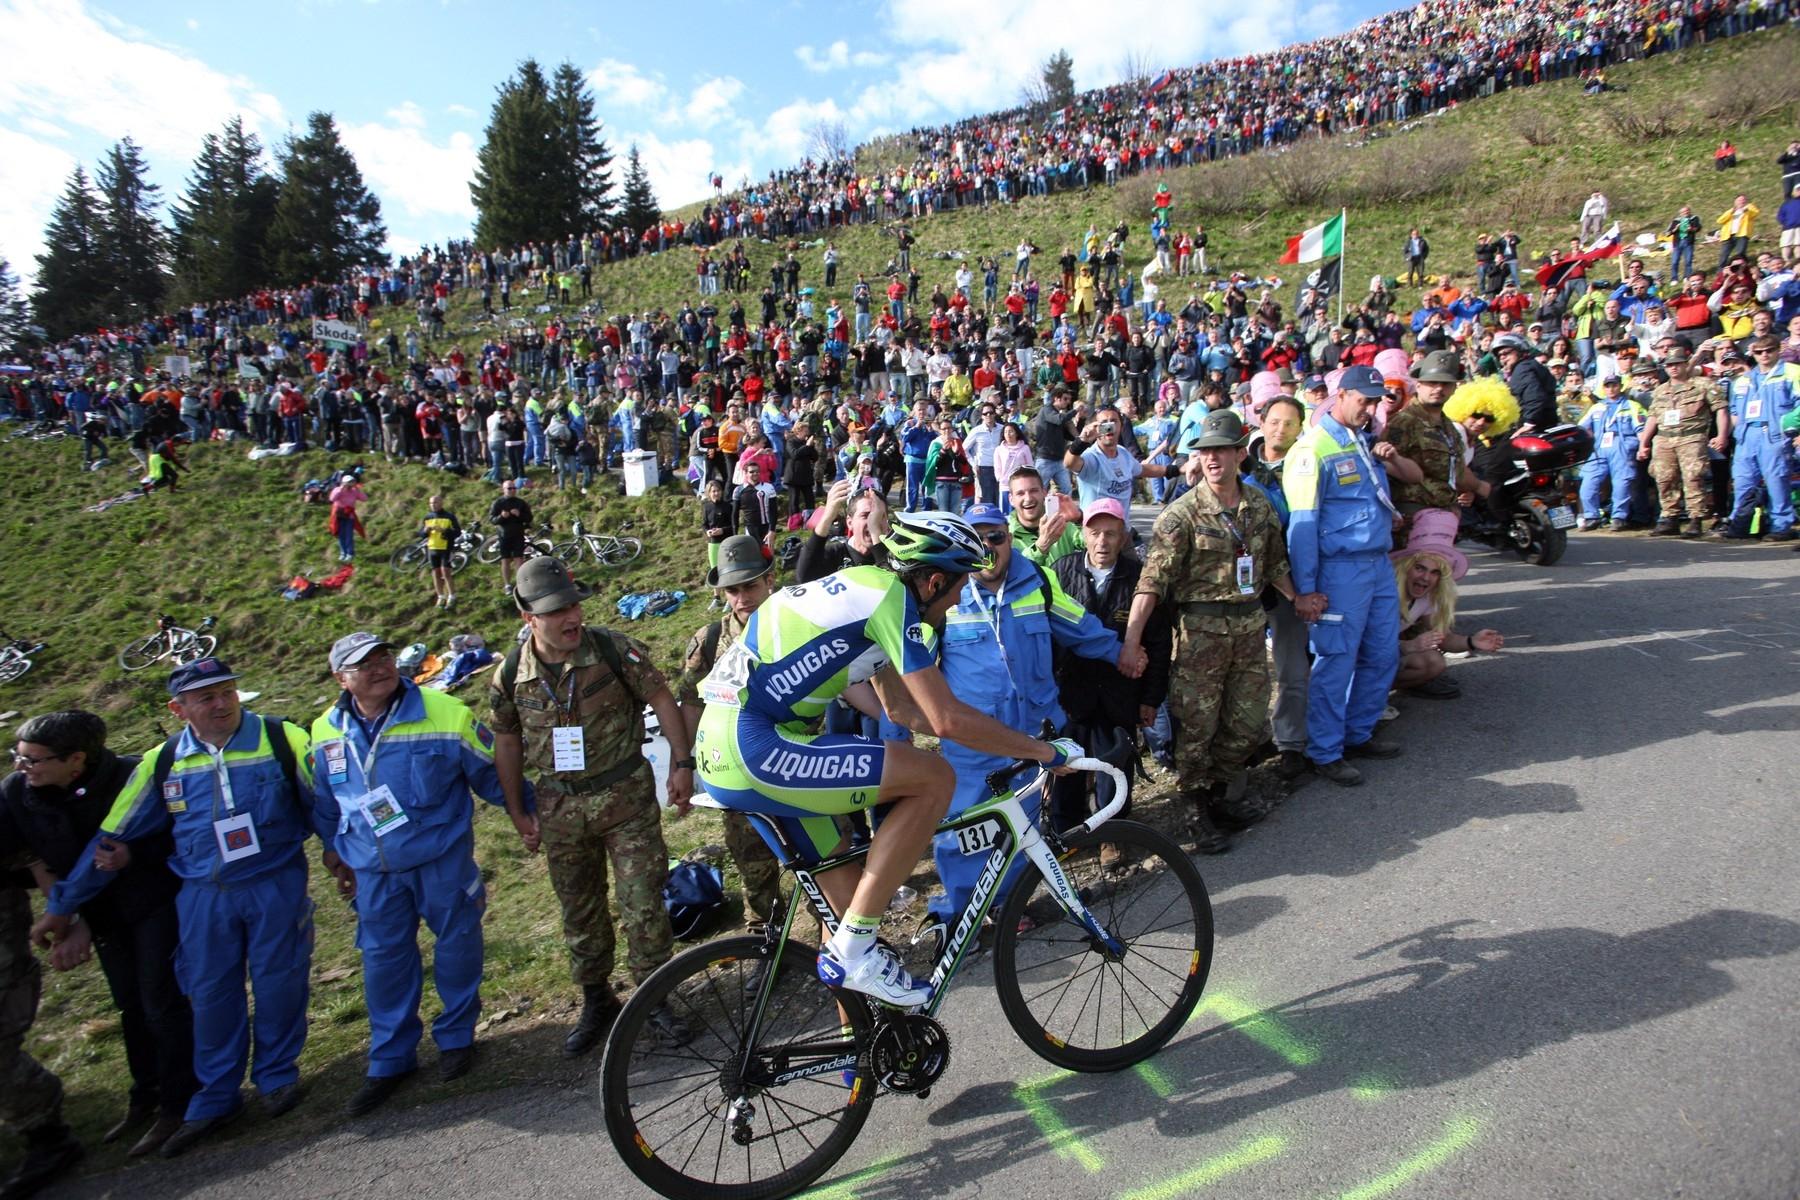 Ivan Basso a legendární stoupání Monte Zoncolan v roce 2010.